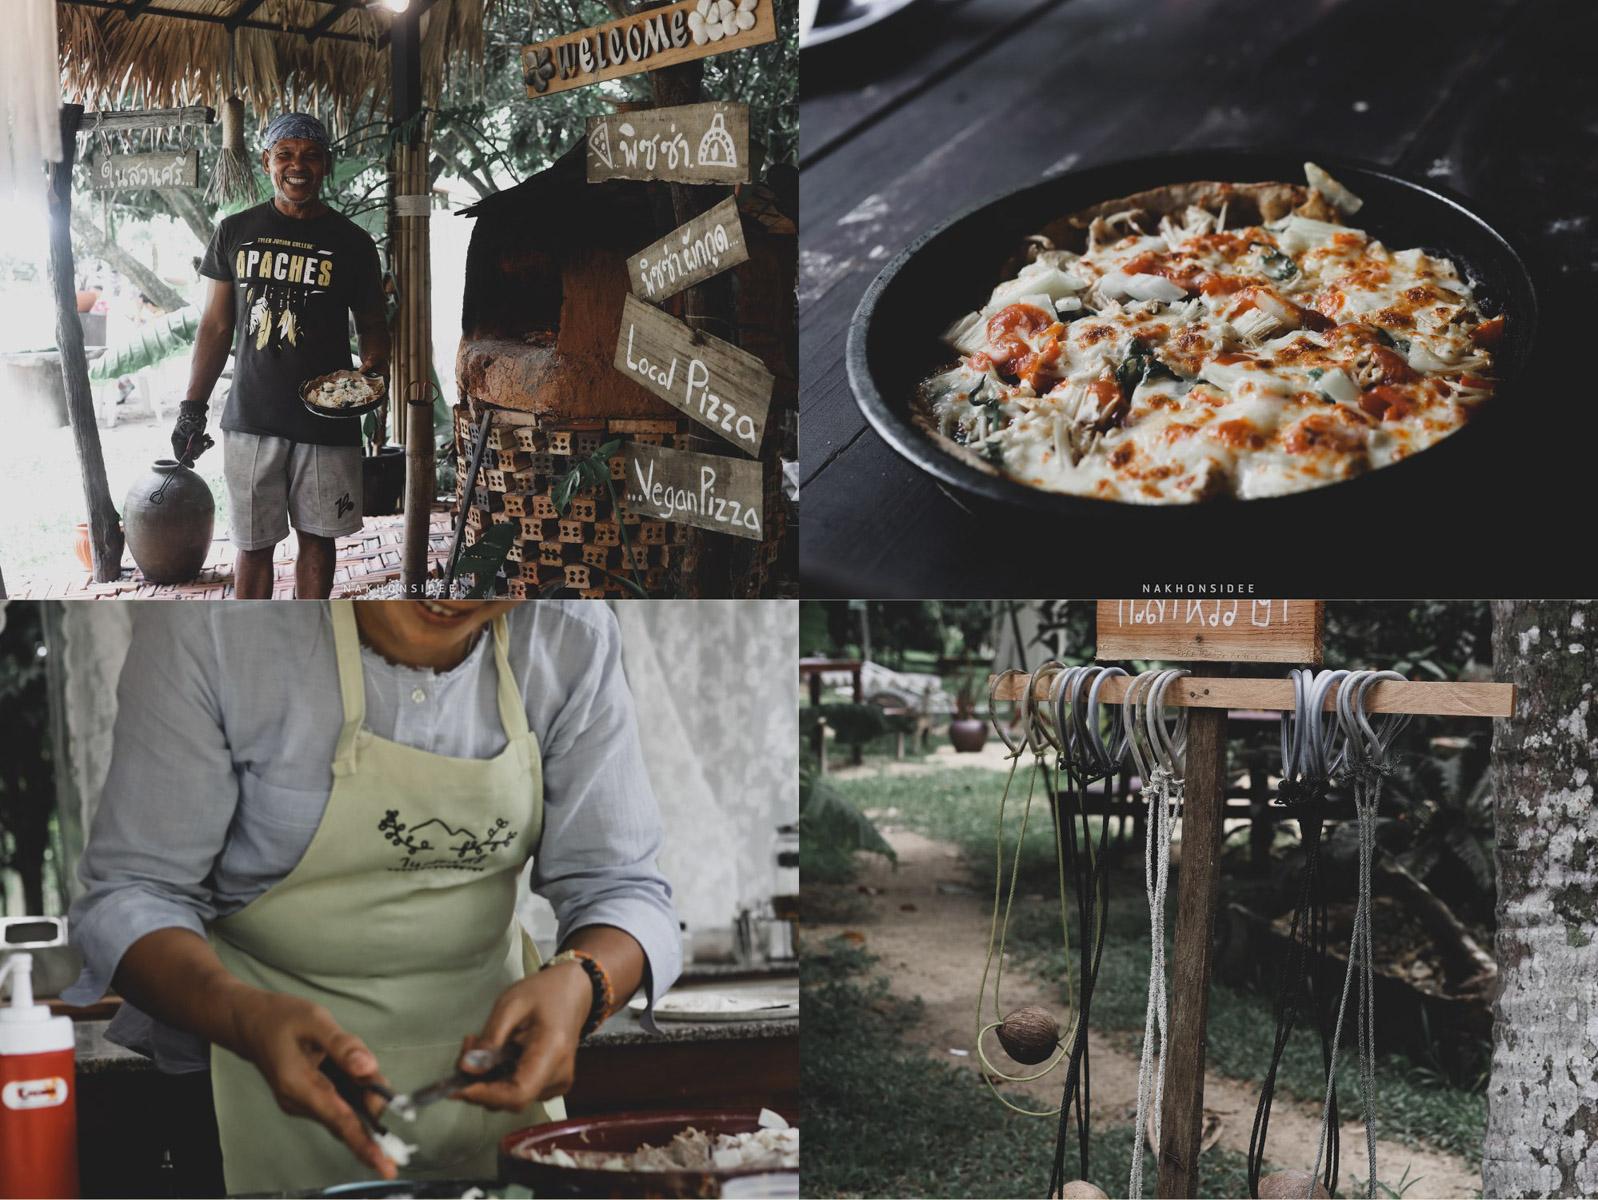 กิจกรรมทำพิซซ่า เตาดิน ใช้ผักกูด และผักทั้งหมด แอดชิมแล้วและลองทำแล้วขอบอกว่าสนุกมากๆ และอร่อยด้วยน้าาา (อวยตัวเอง) 555พัทลุง,tat,ททท,การท่องเที่ยว,นครศรี,จุดเช็คอิน,กงหรา,พื้นบ้าน